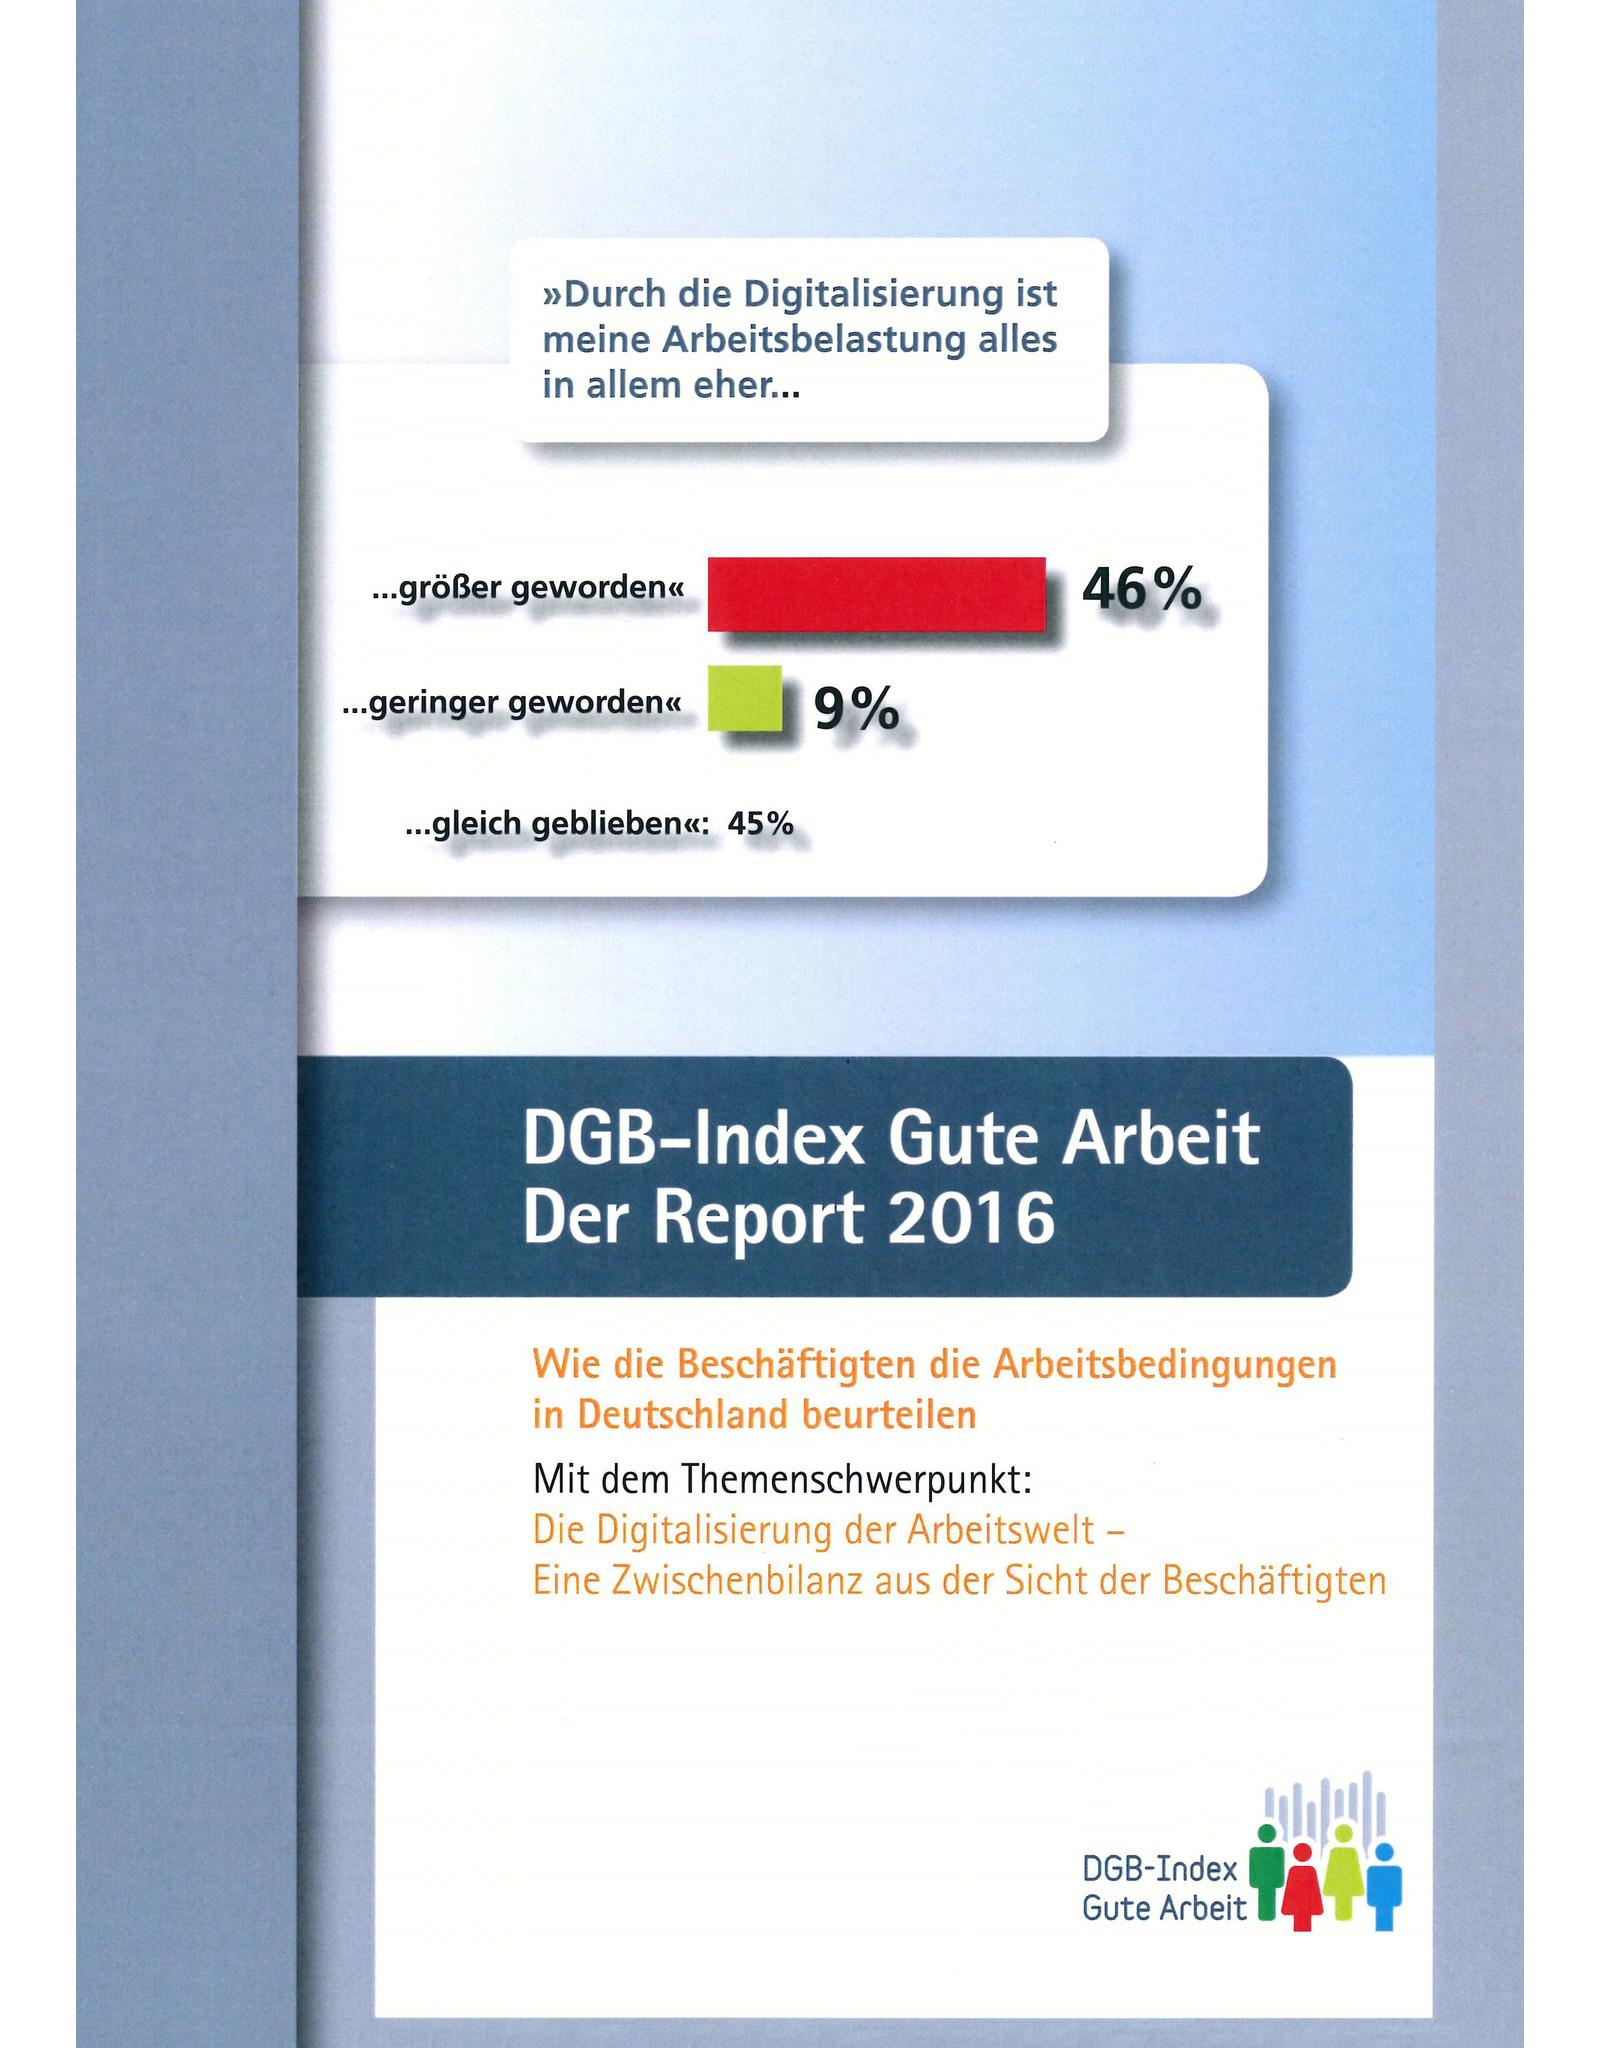 DGB Index Gute Arbeit Report 2016